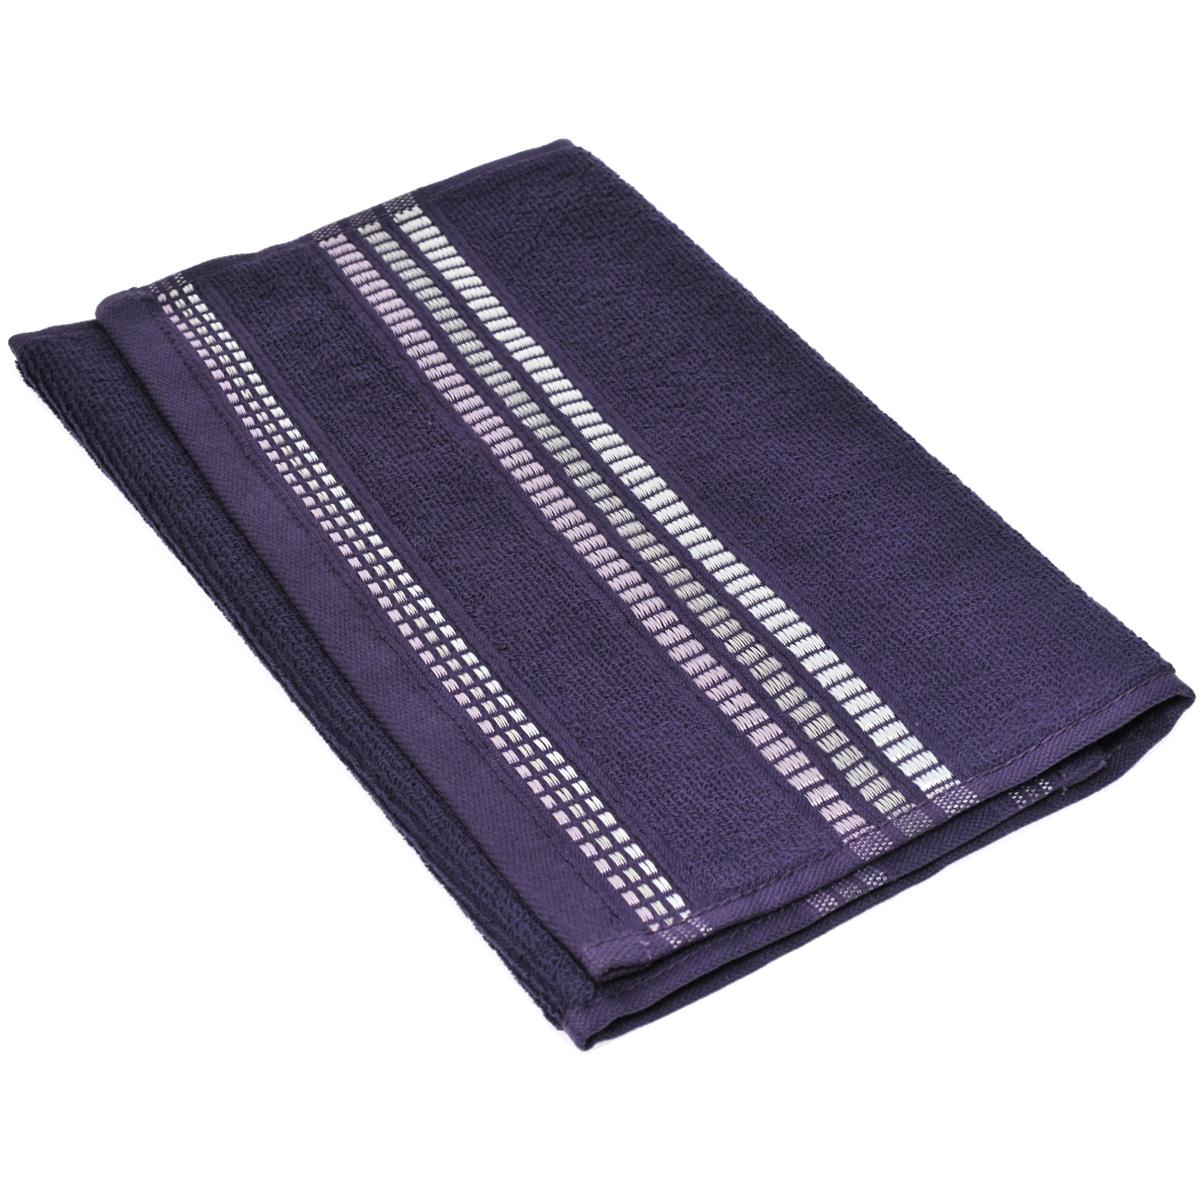 Полотенце махровое Coronet Пиано, цвет: фиолетовый, 30 х 50 смБ-МП-2020-08-12Махровое полотенце Coronet Пиано, изготовленное из натурального хлопка, подарит массу положительных эмоций и приятных ощущений. Полотенце отличается нежностью и мягкостью материала, утонченным дизайном и превосходным качеством. Оно прекрасно впитывает влагу, быстро сохнет и не теряет своих свойств после многократных стирок. Махровое полотенце Coronet Пиано станет достойным выбором для вас и приятным подарком для ваших близких. Мягкость и высокое качество материала, из которого изготовлены полотенца не оставит вас равнодушными.